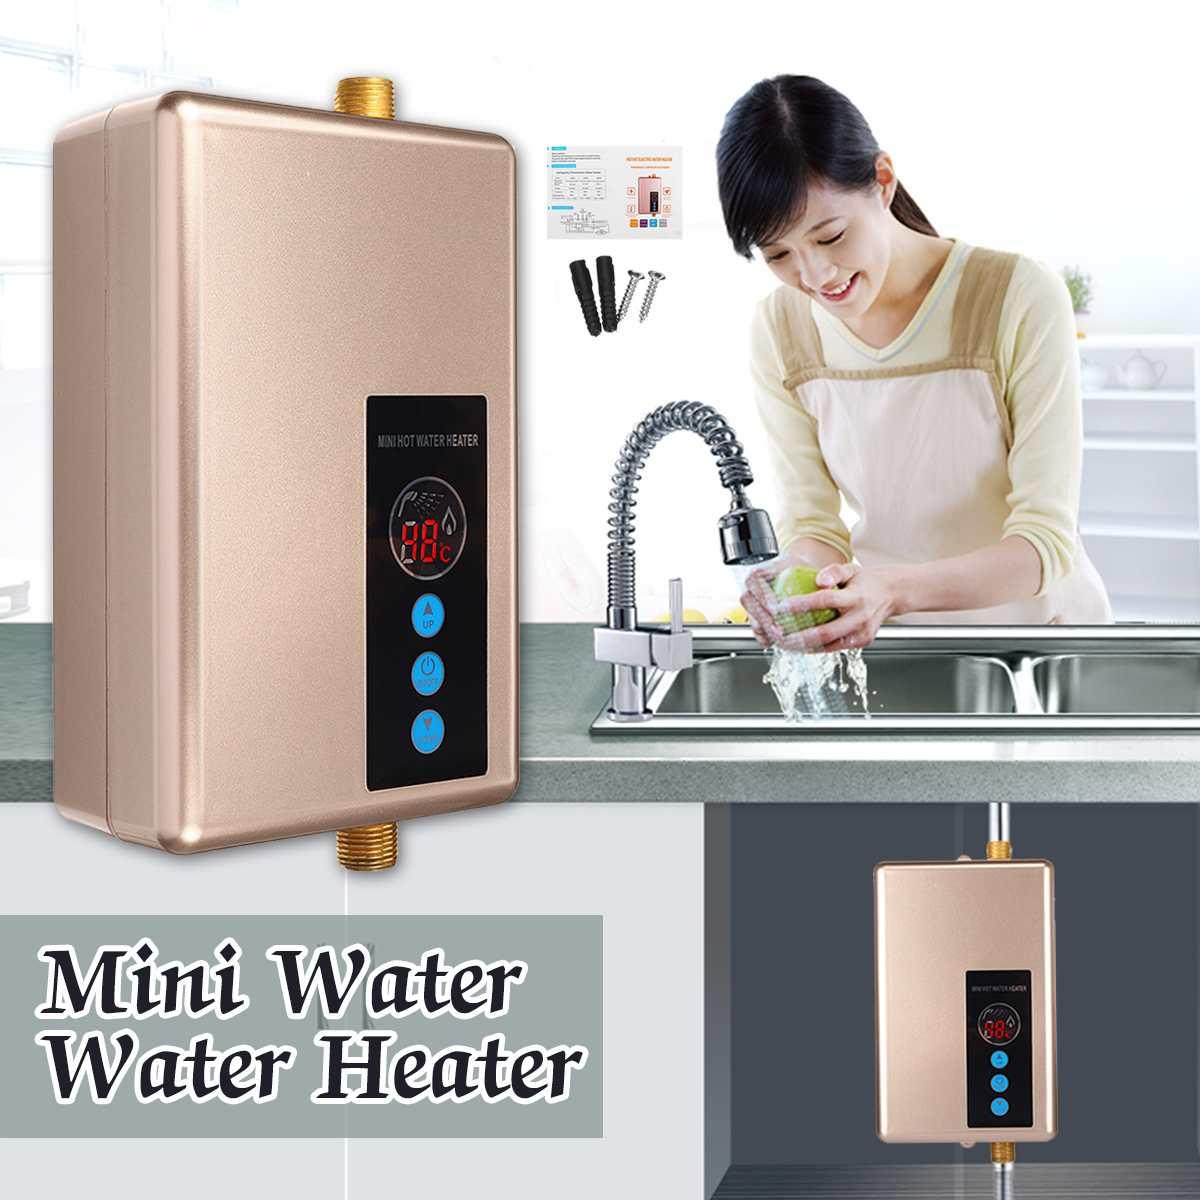 220 В 5500 Вт мини электрические водонагреватели мгновенный кухонный Интеллектуальный Электрический безрезервуарный водонагреватель с быстр...